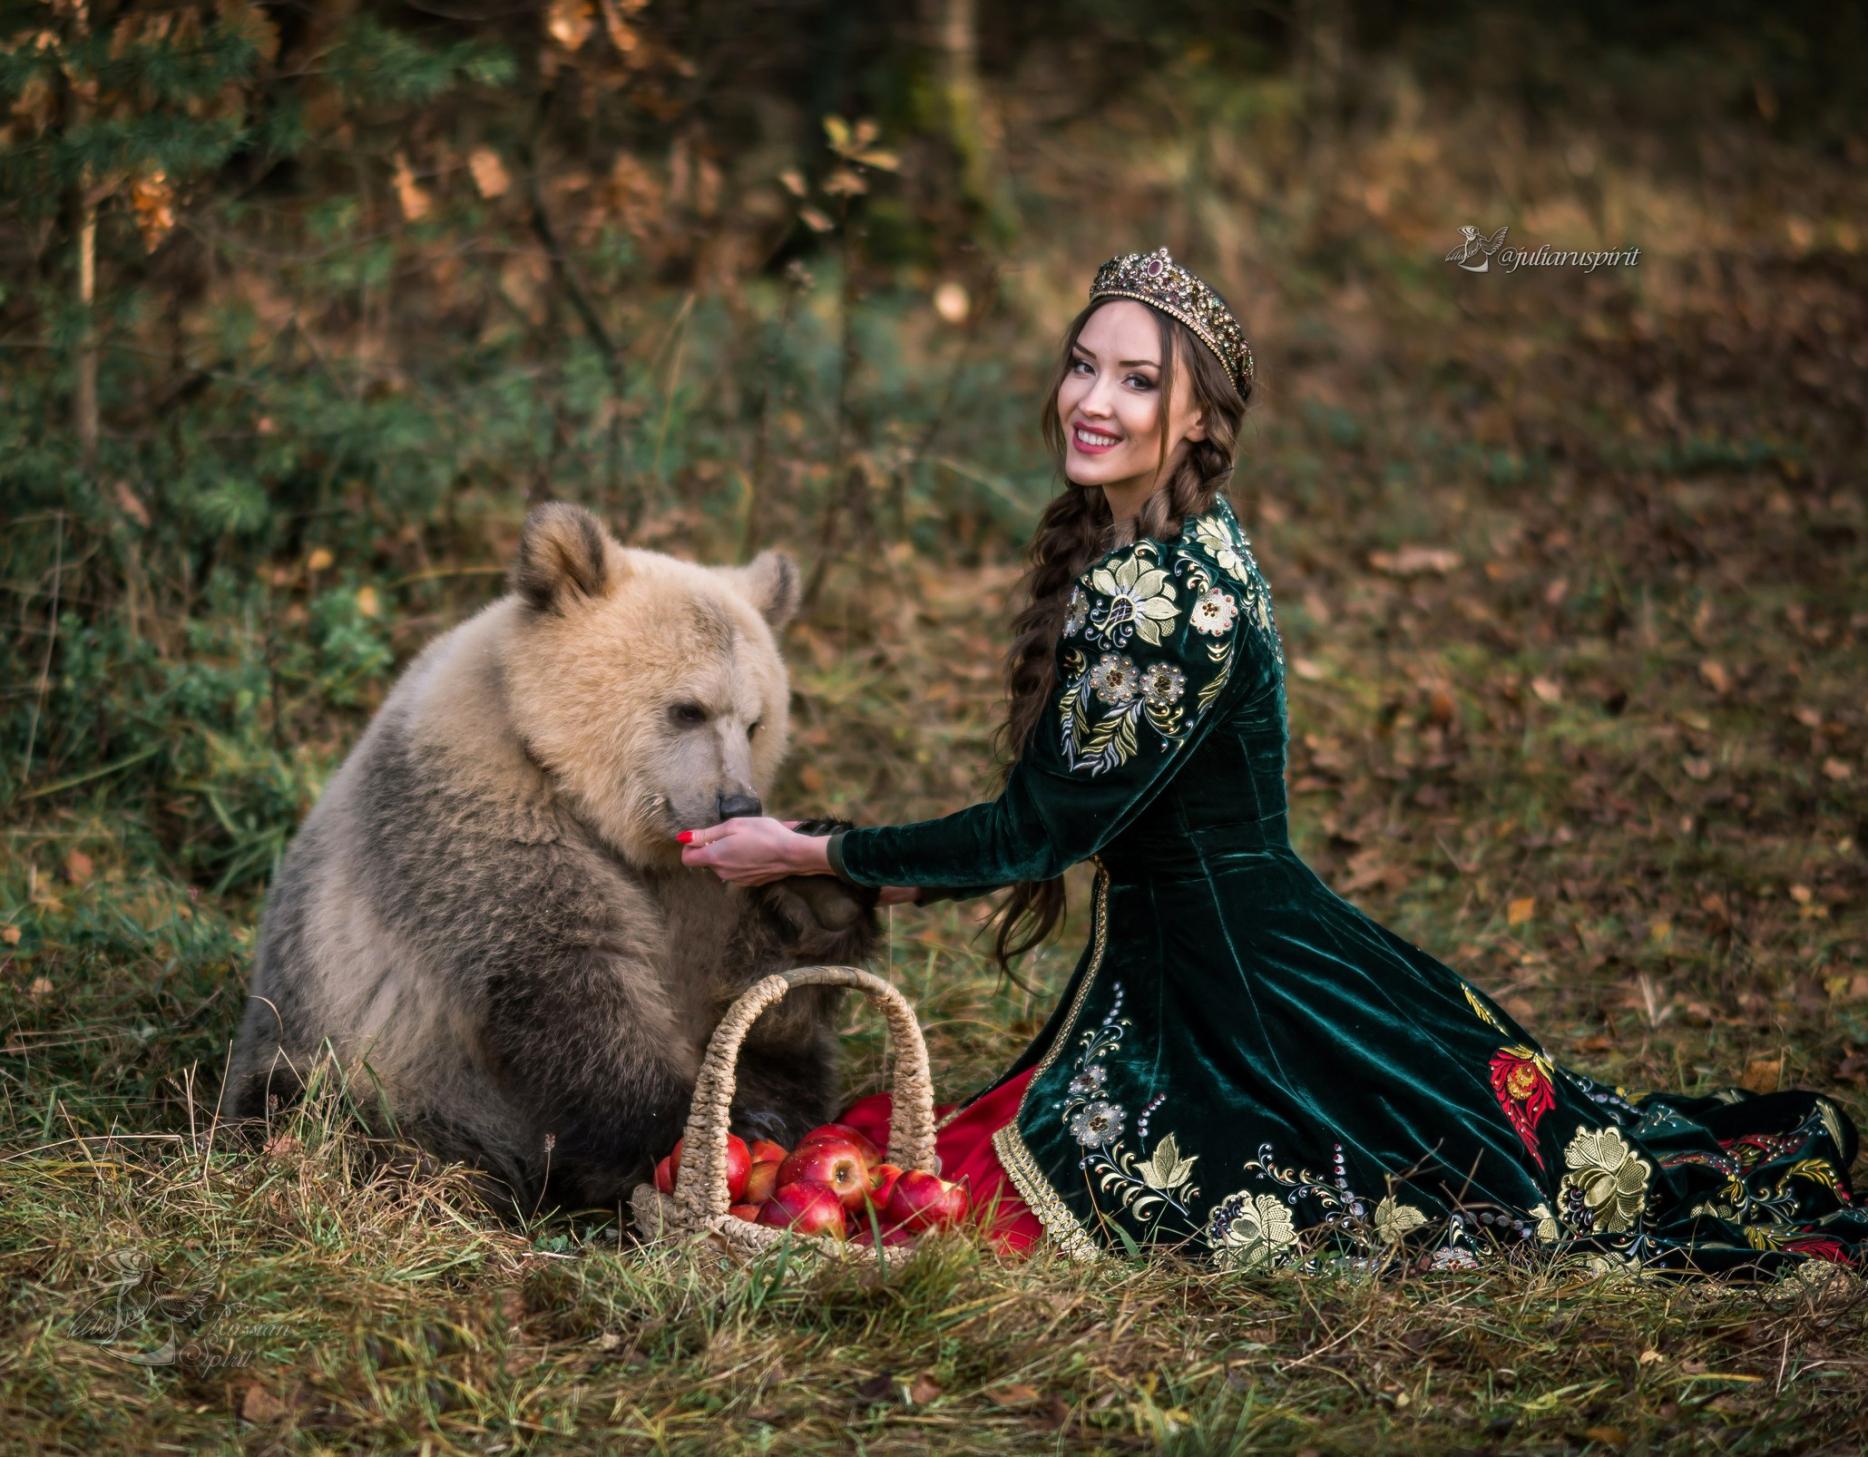 Девушка в вышитом узорами платье в кокошнике кормит медвежонка